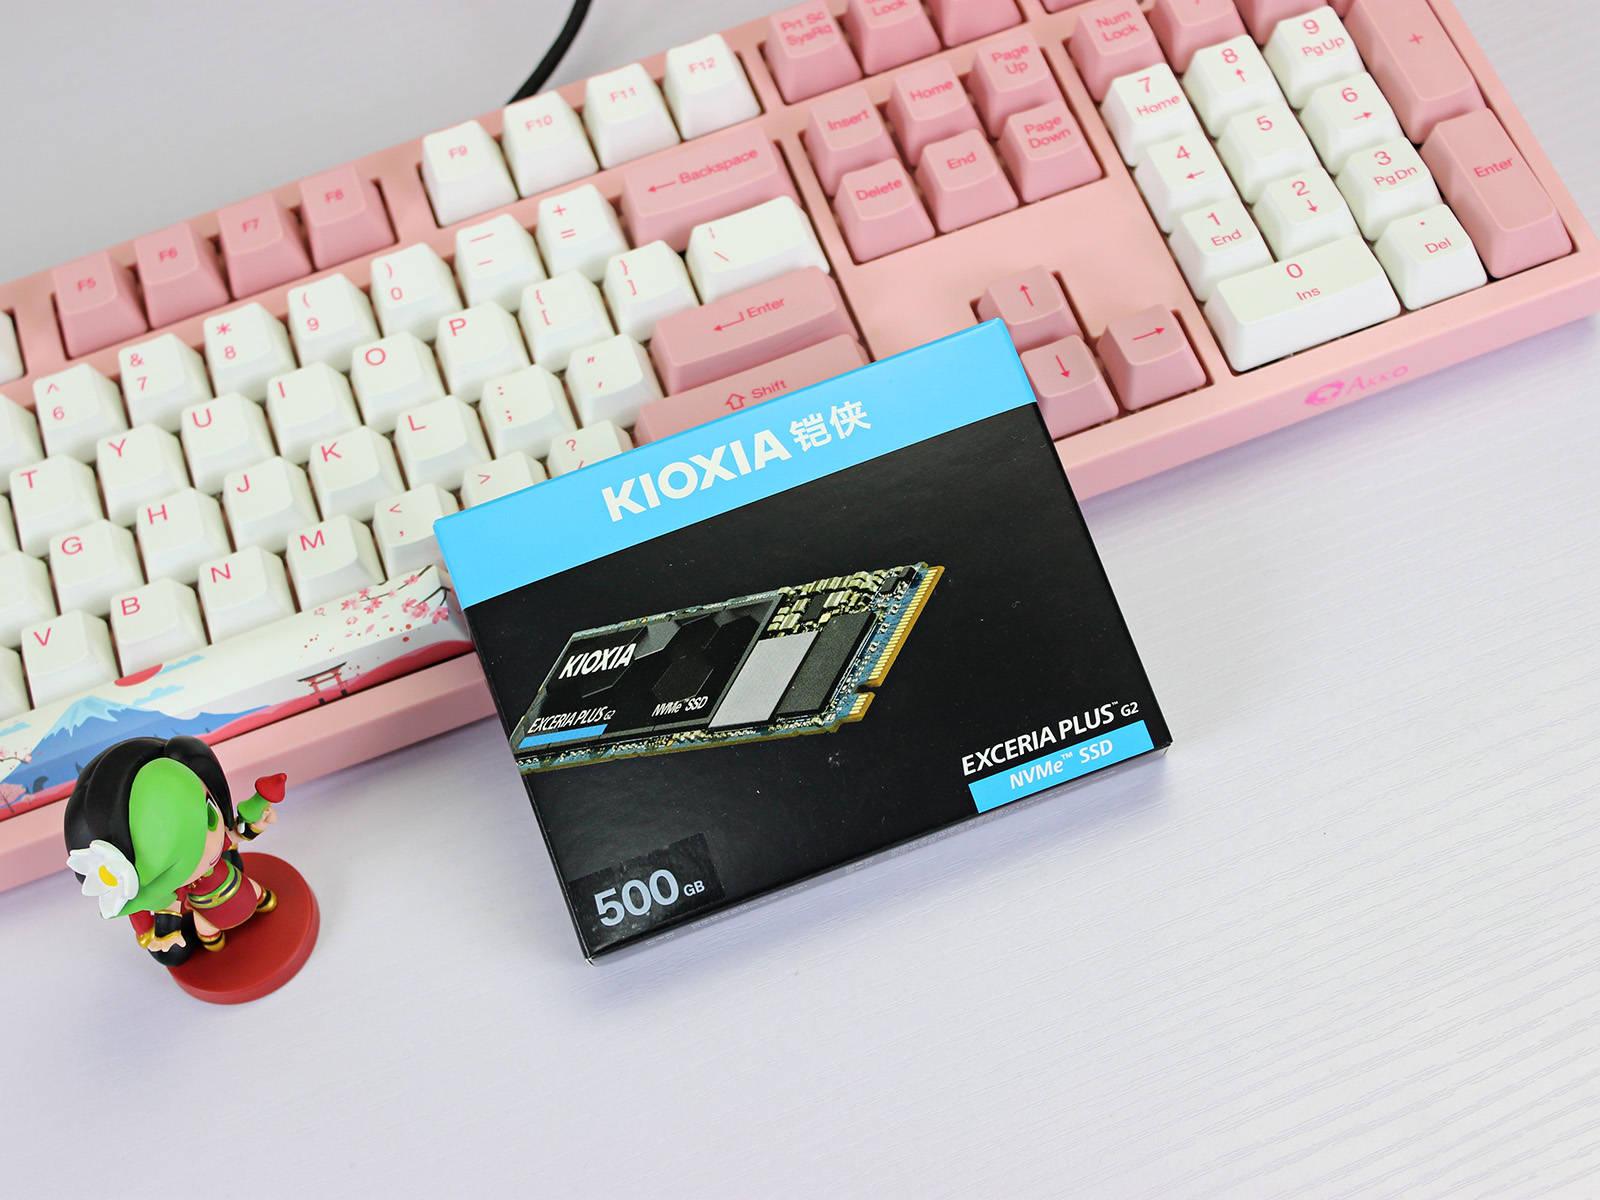 铁甲夏(原东芝内存)RD20固态硬盘,成功取代国产降速盘